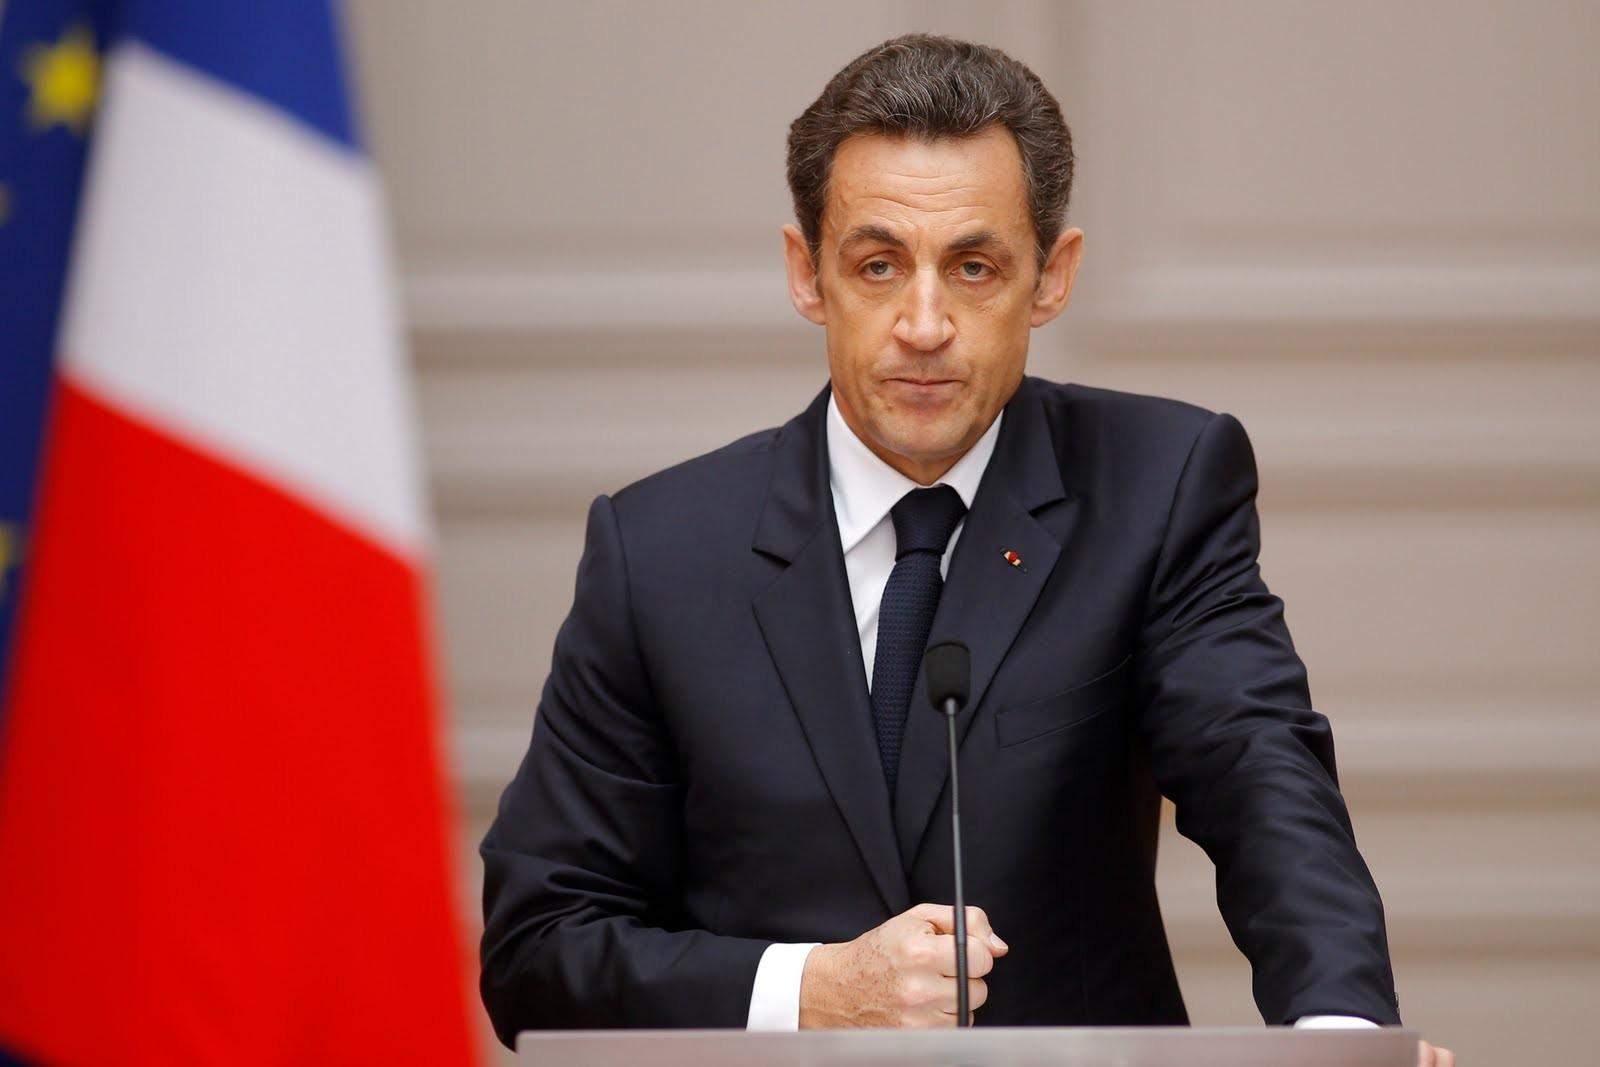 Саркози пообещал запретить буркини воФранции